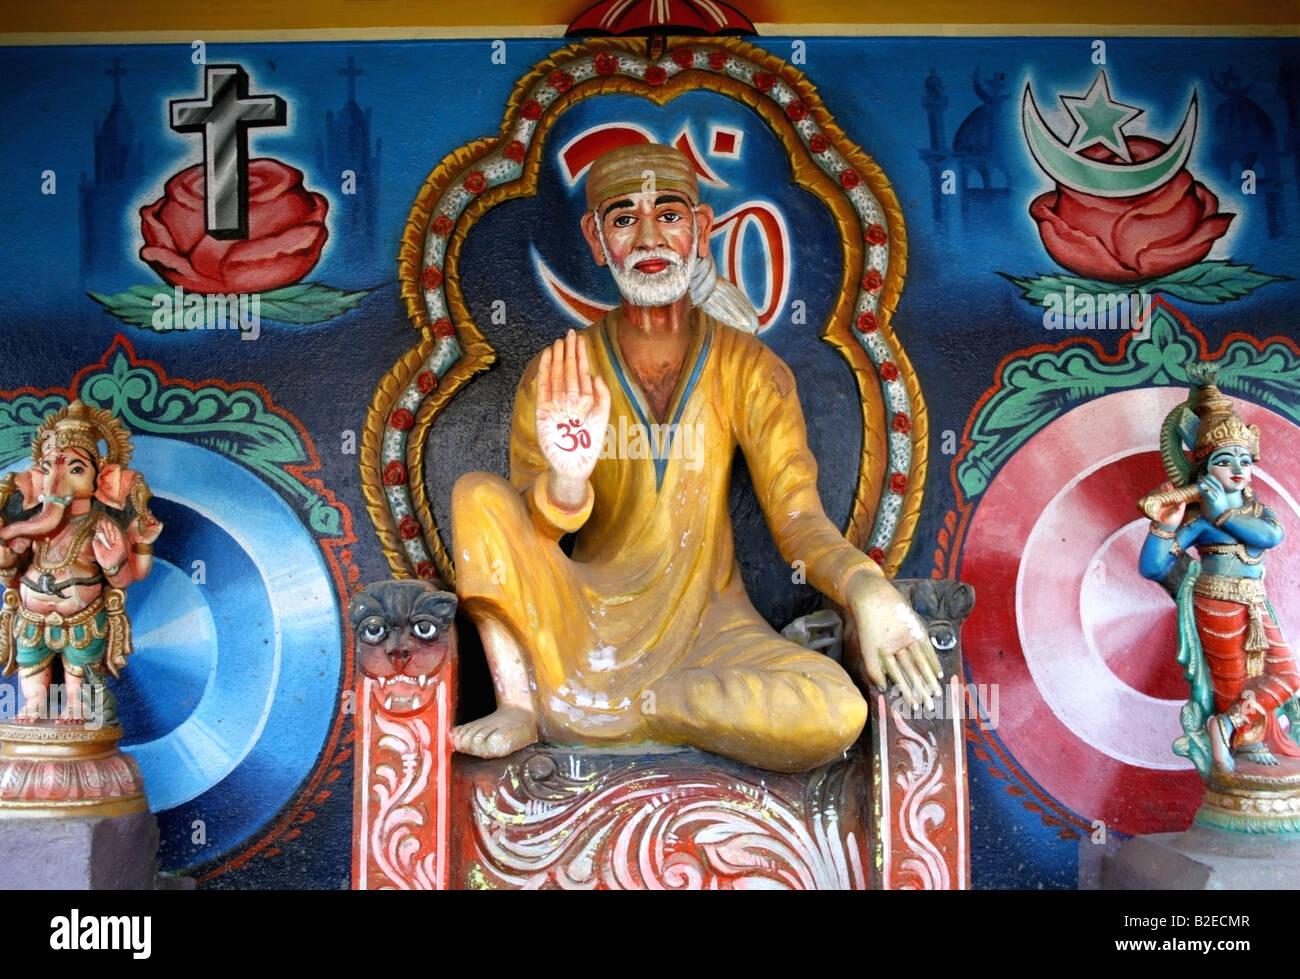 Statue von Sai Baba von Shirdi, einer indischen Heiligen, Frieden unter den Religionen, Indien praktiziert Stockbild